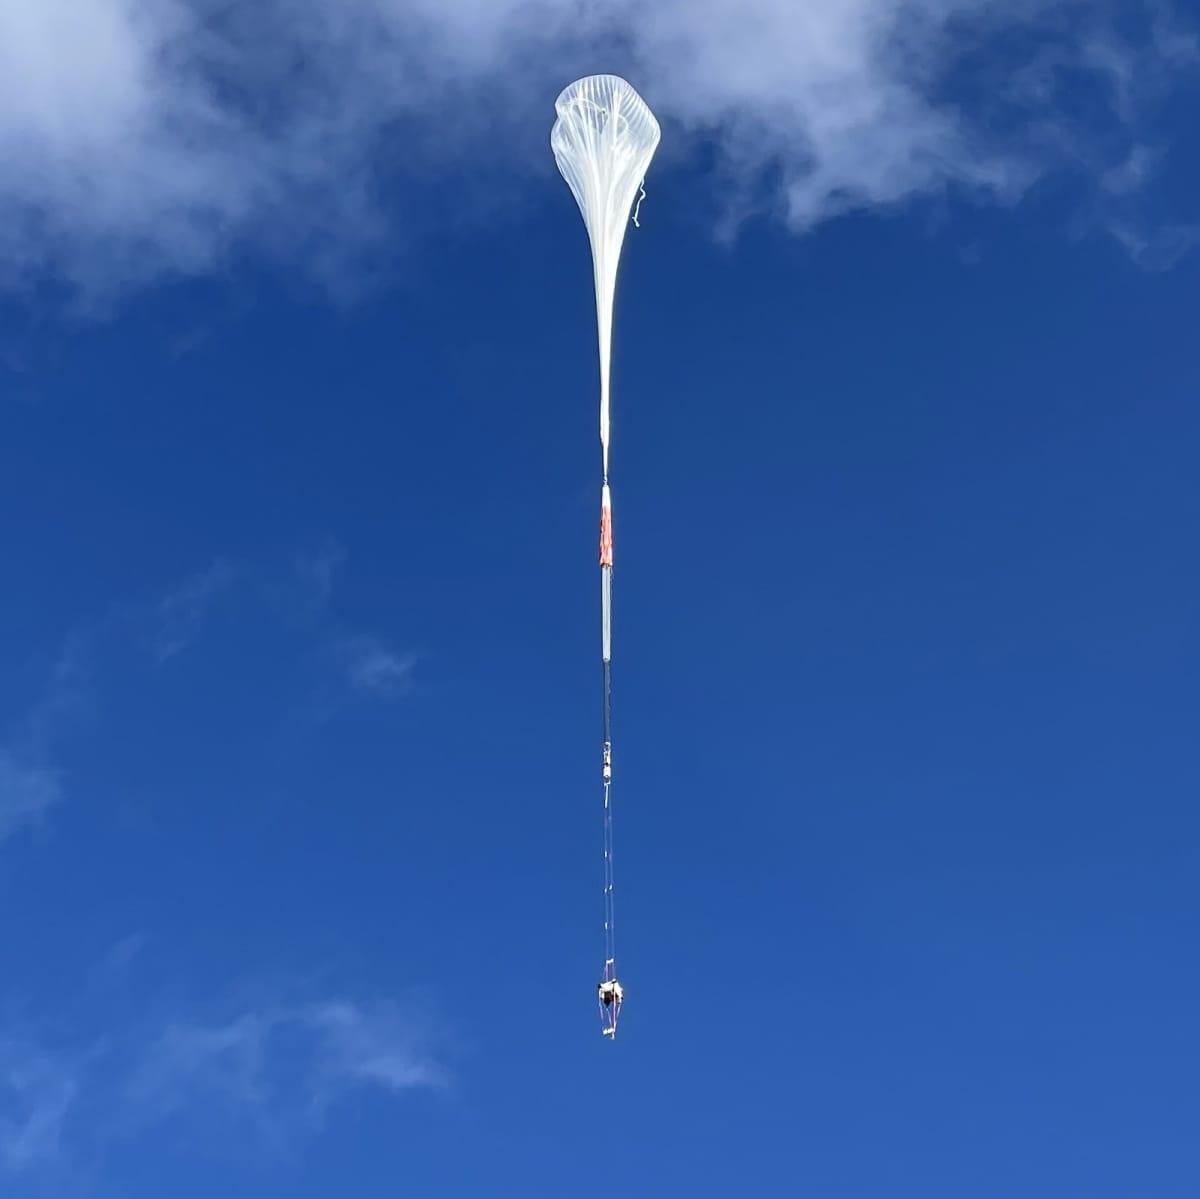 Tutkimuspalloa ilmassa.